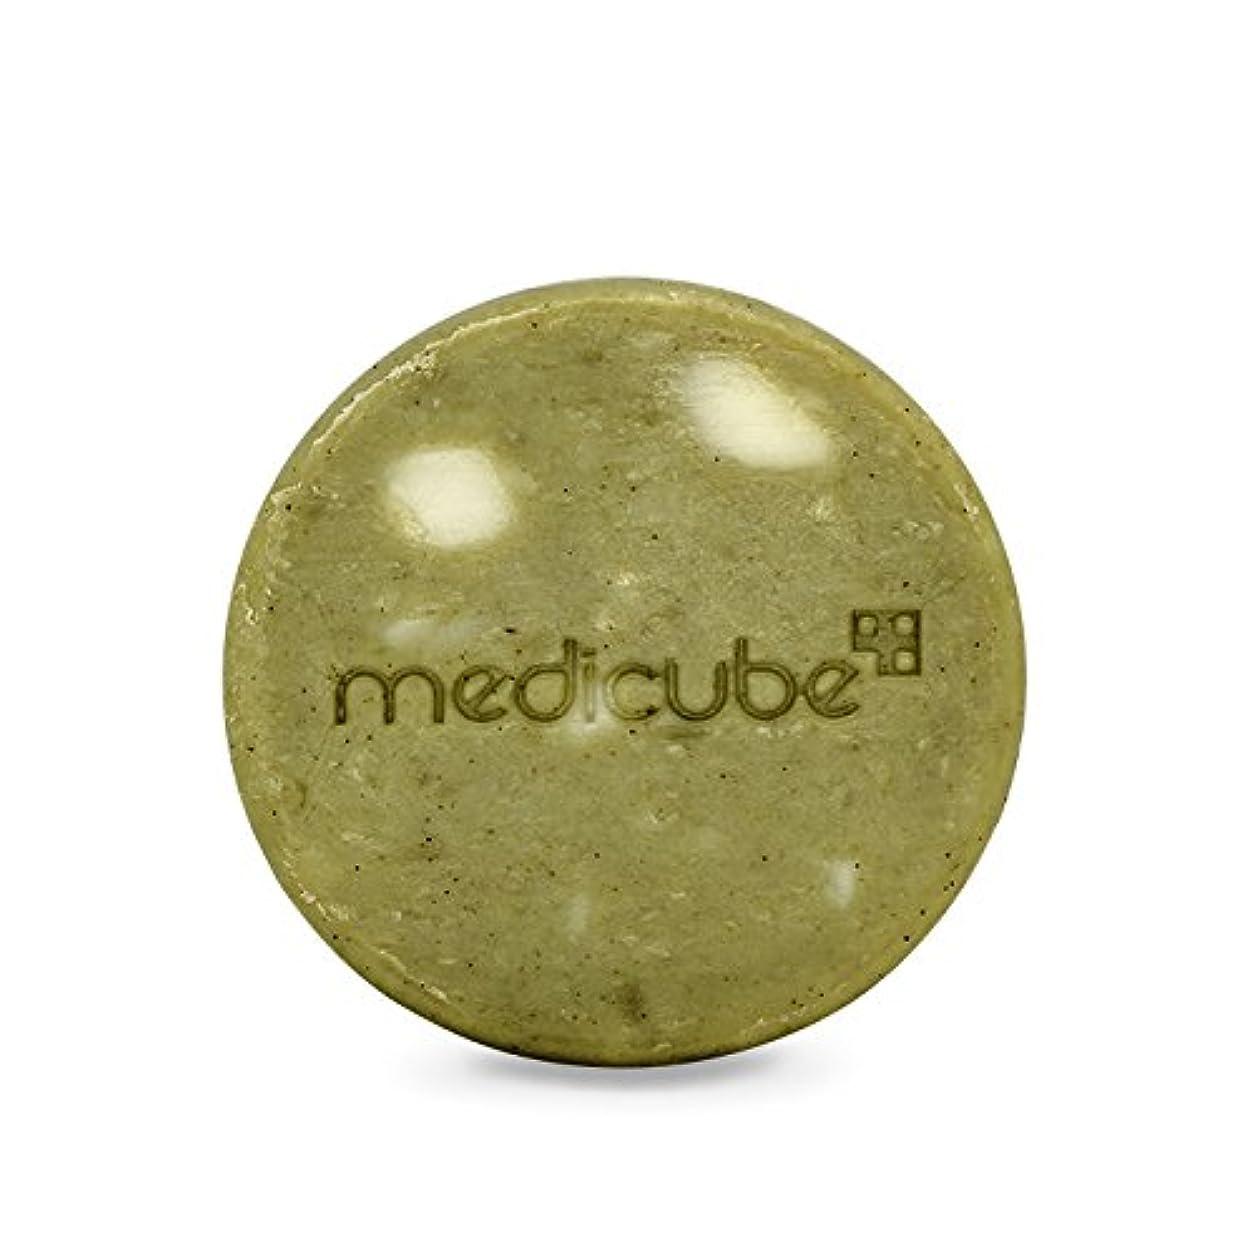 オープナー予約パイロット[Medicube]Red Body Bar / メディキューブレッドボディバー / 正品?海外直送商品 [並行輸入品]